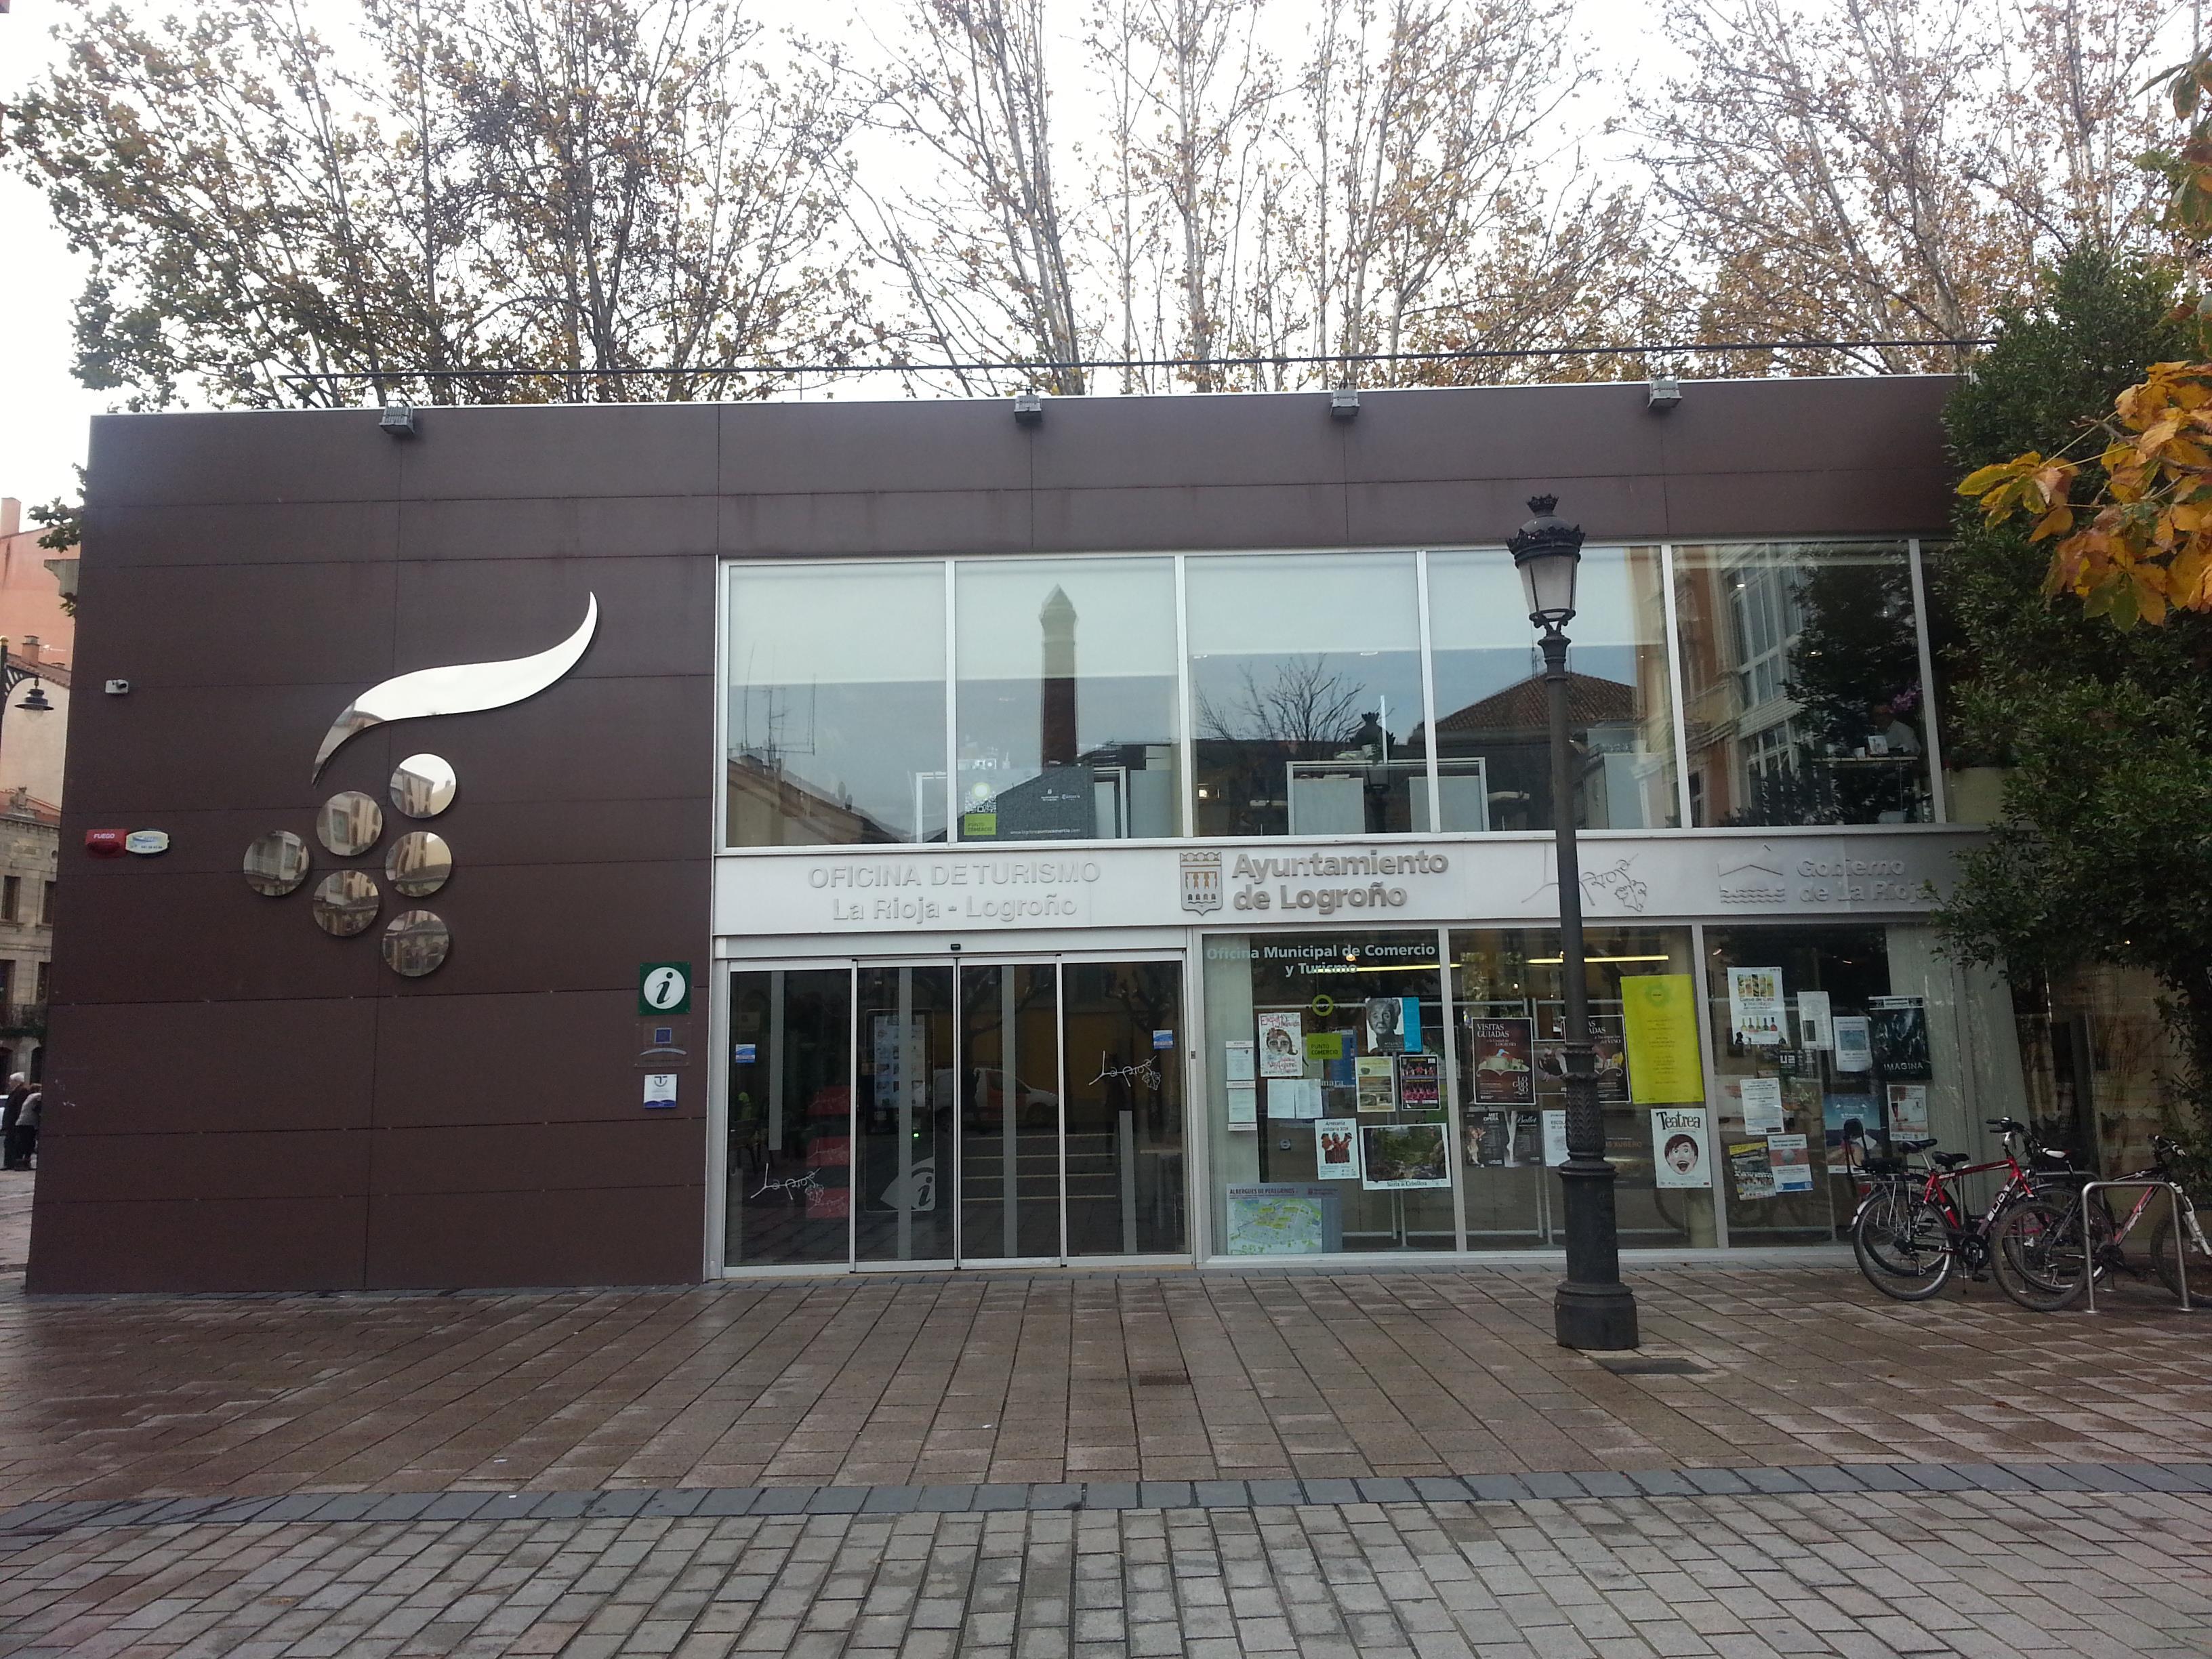 La oficina de turismo de la rioja abrir en horario for Horario oficina santa lucia